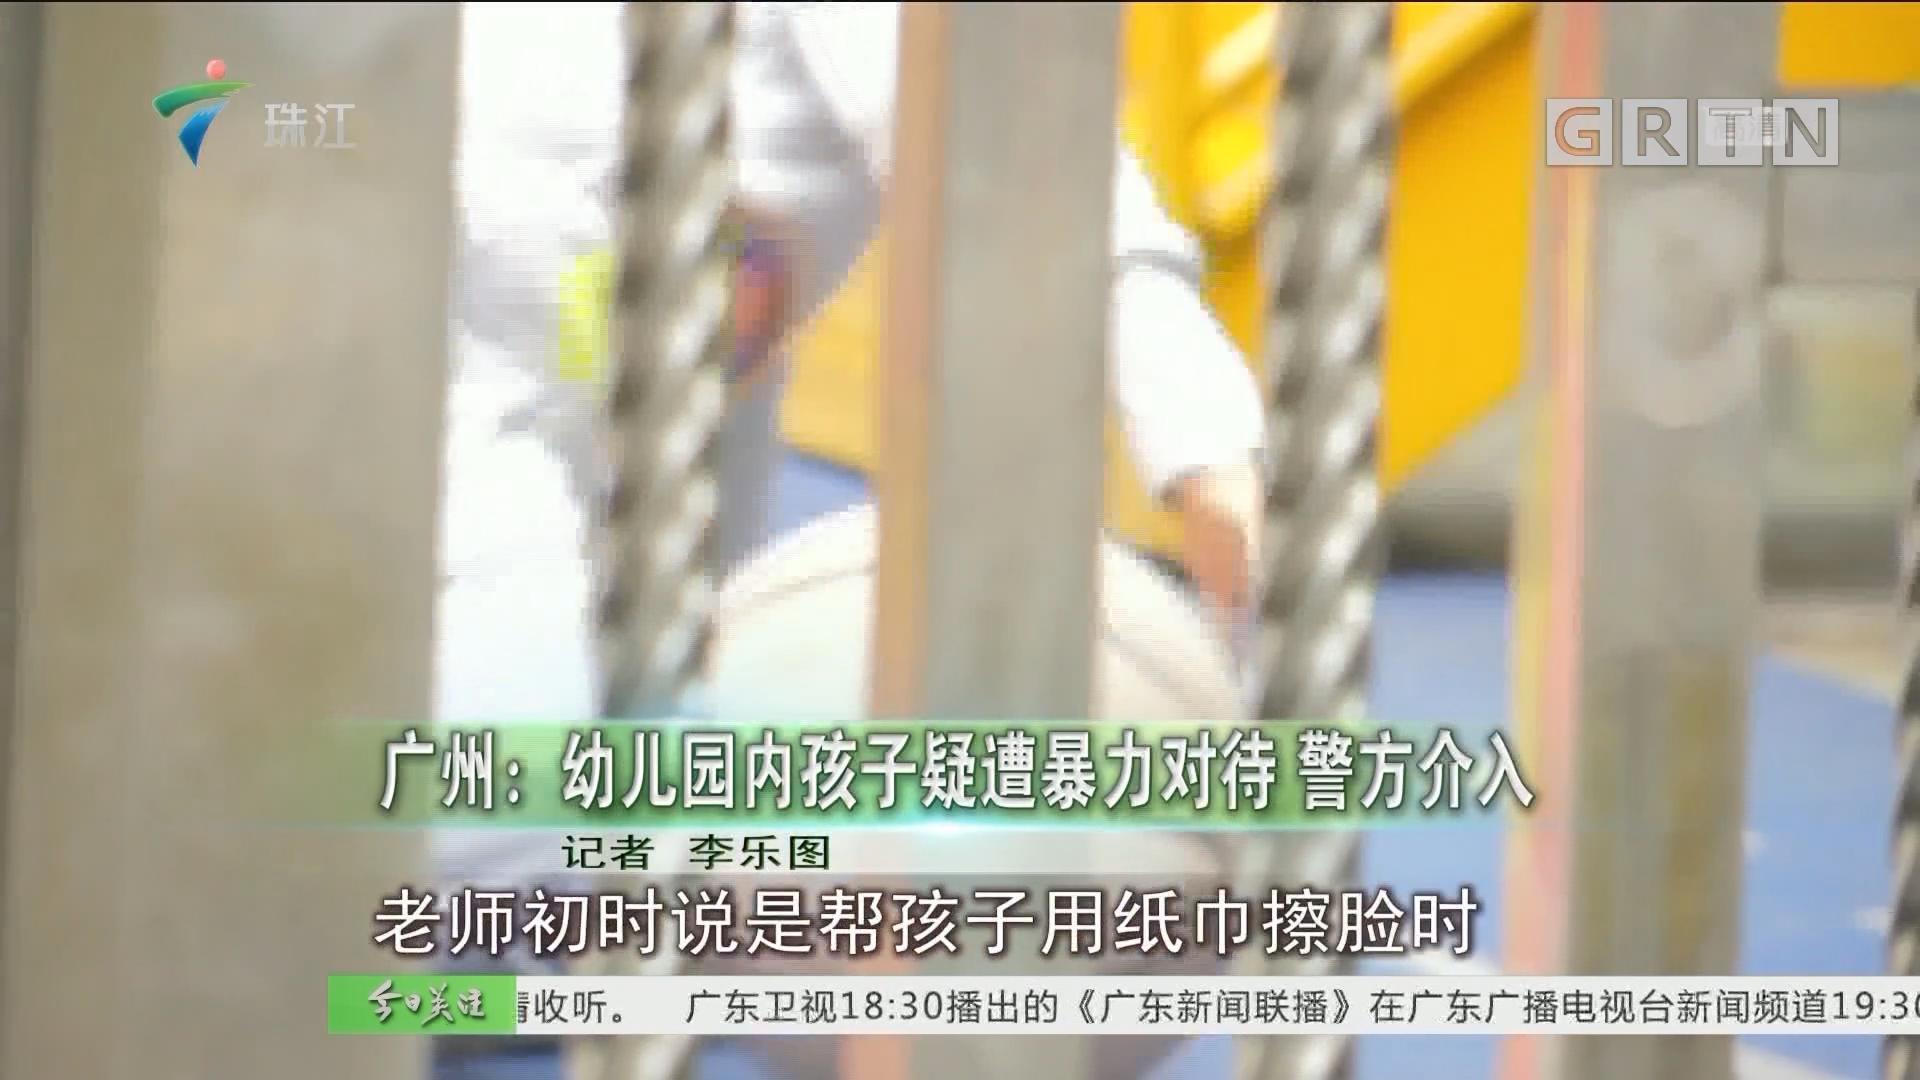 广州:幼儿园内孩子疑遭暴力对待 警方介入